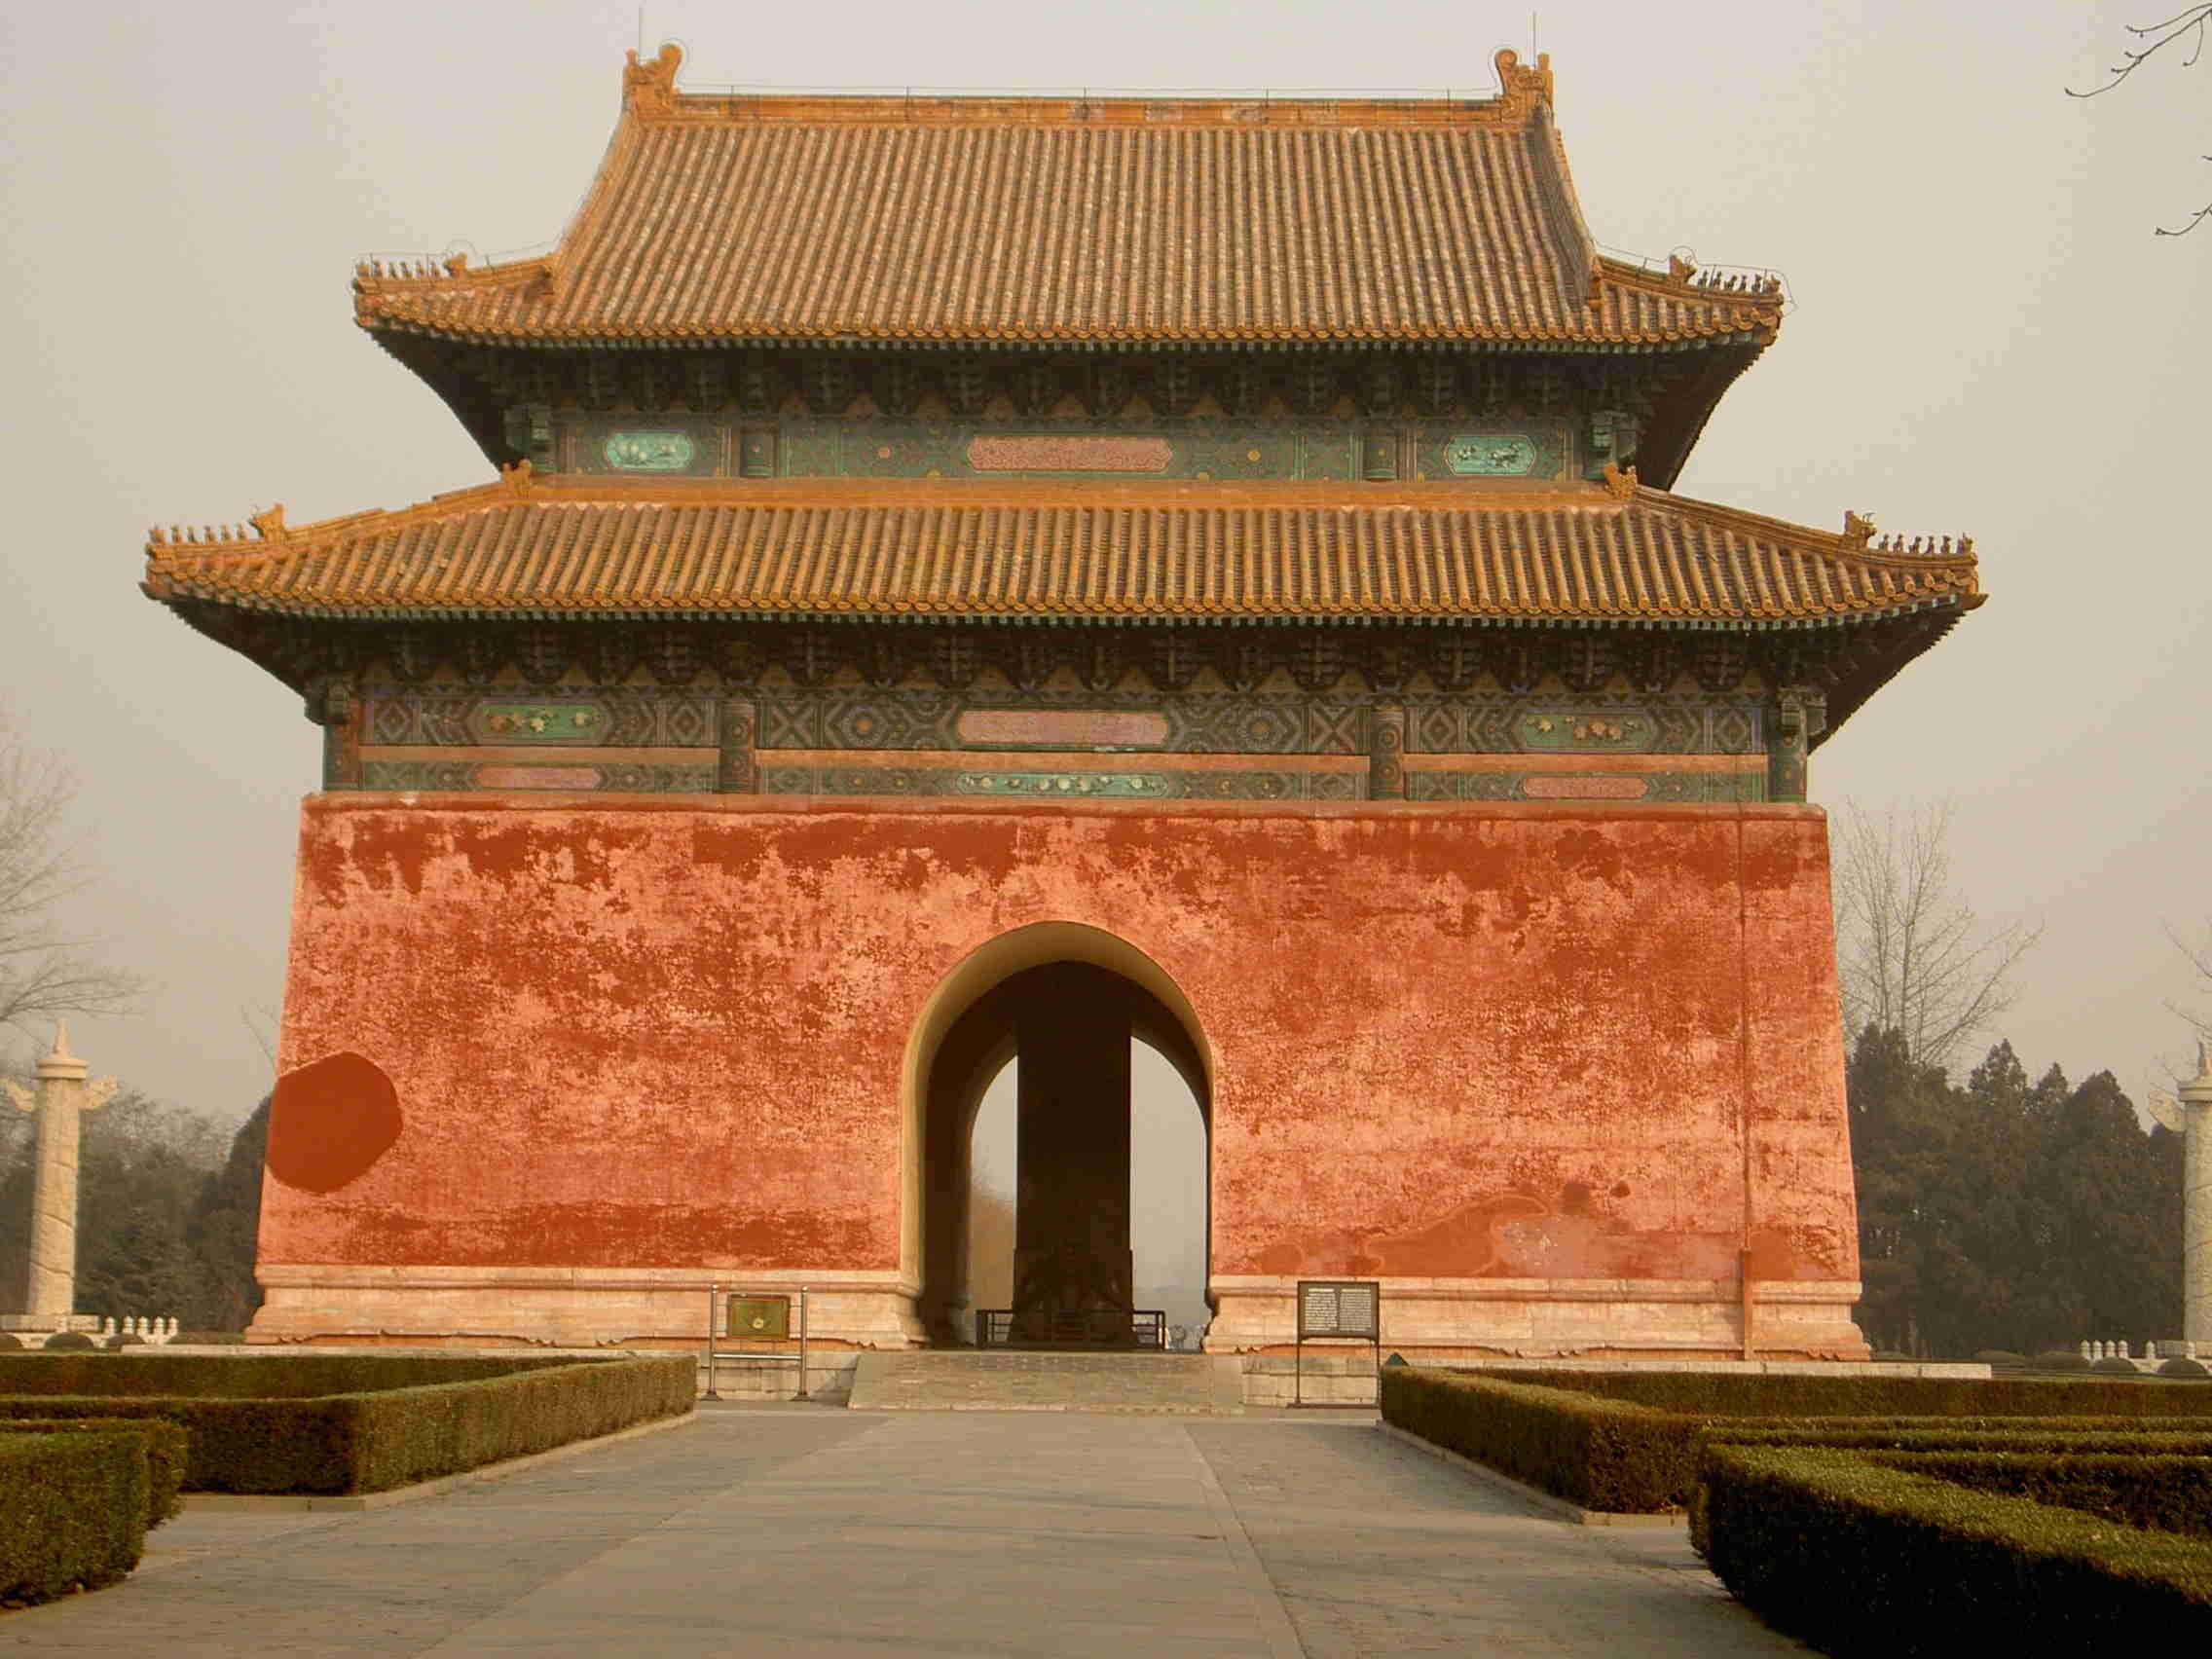 Tombe della dinastia Ming